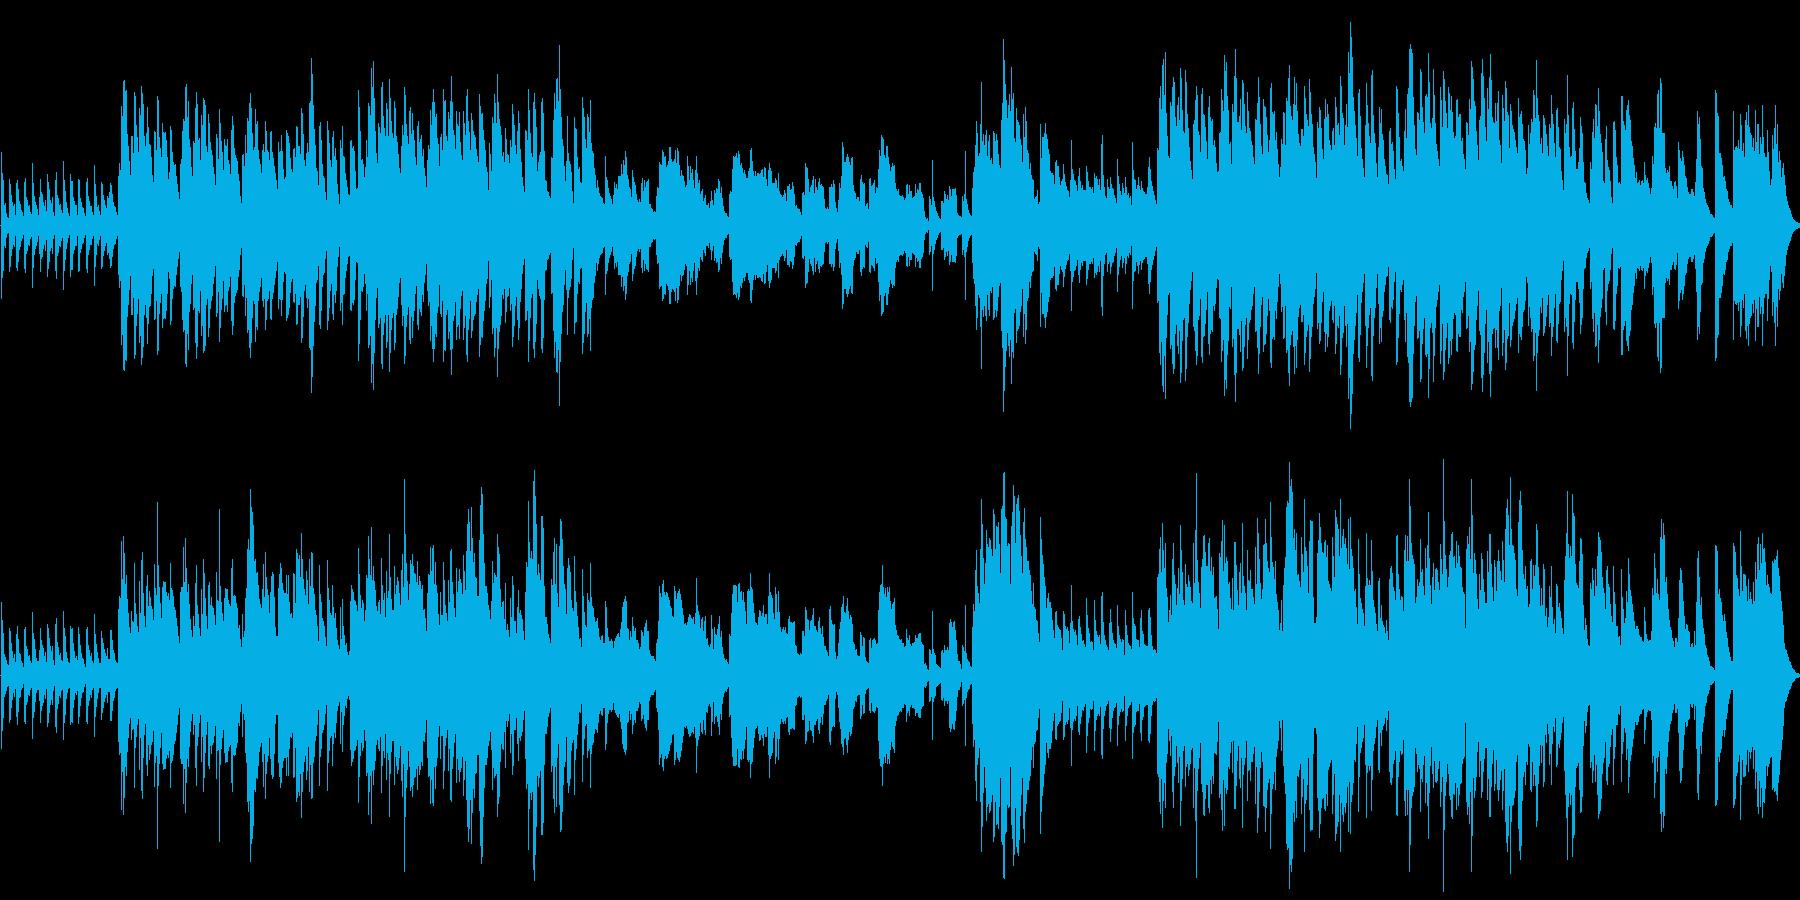 明るく楽しい映像向けのオープニング曲にの再生済みの波形